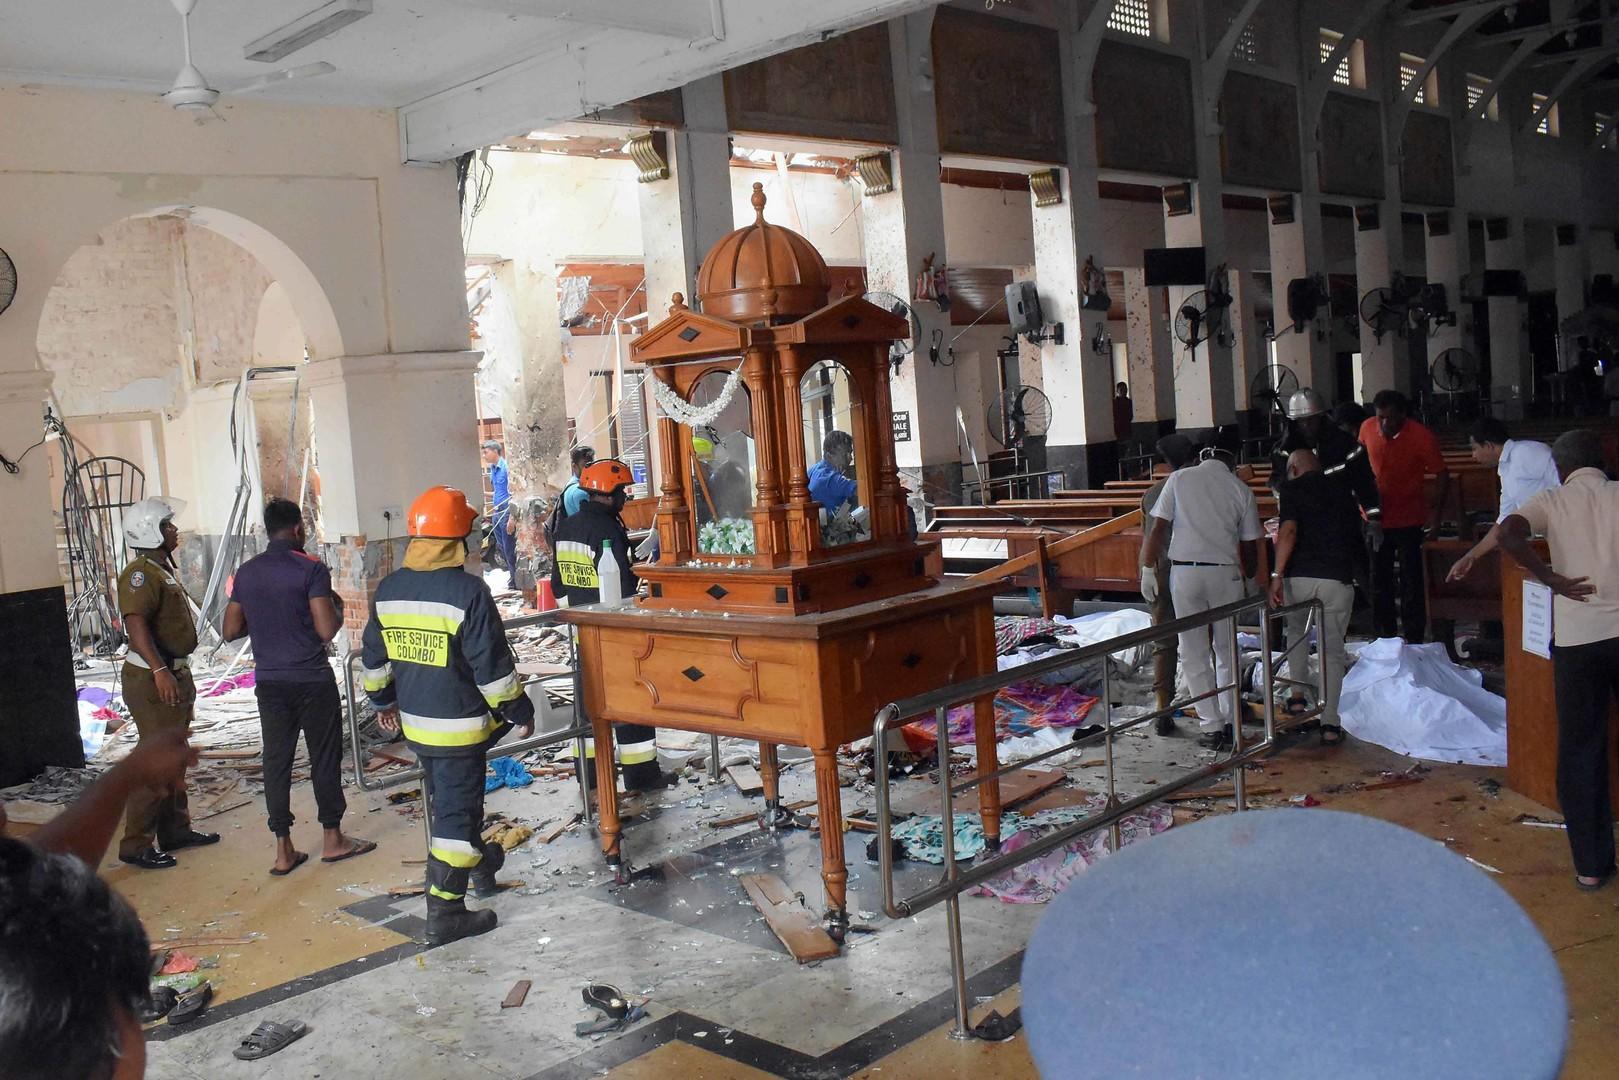 مصادر: الاستخبارات الهندية نبهت سريلانكا قبل ساعات من وقوع الانفجارات